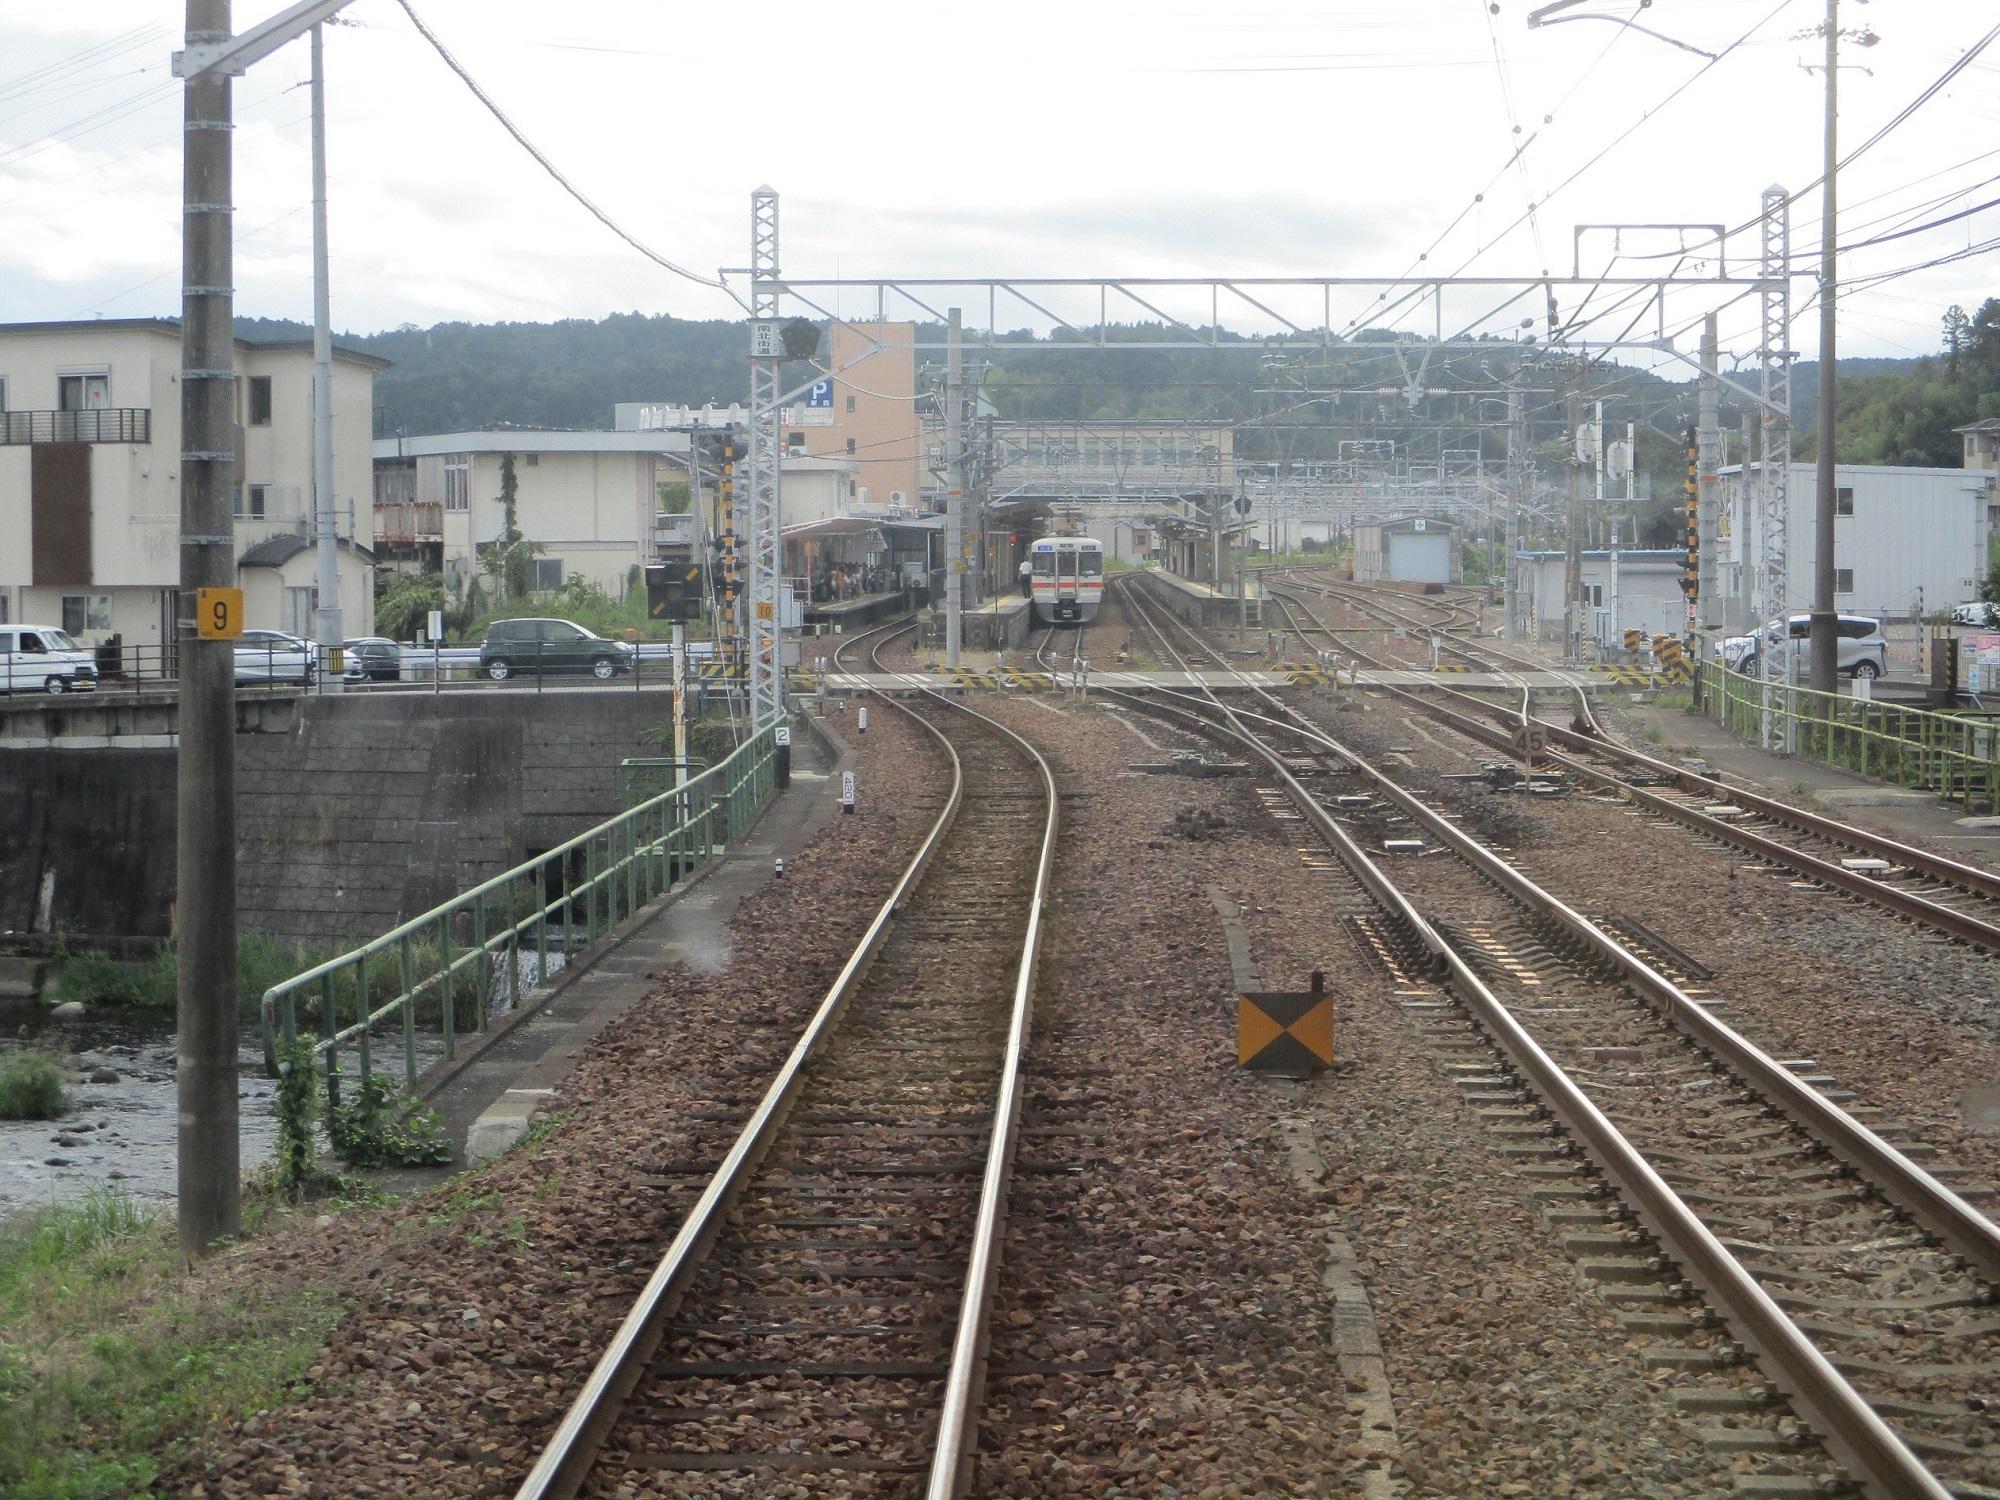 2019.9.22 (25) 恵那いきふつう - 恵那 2000-1500